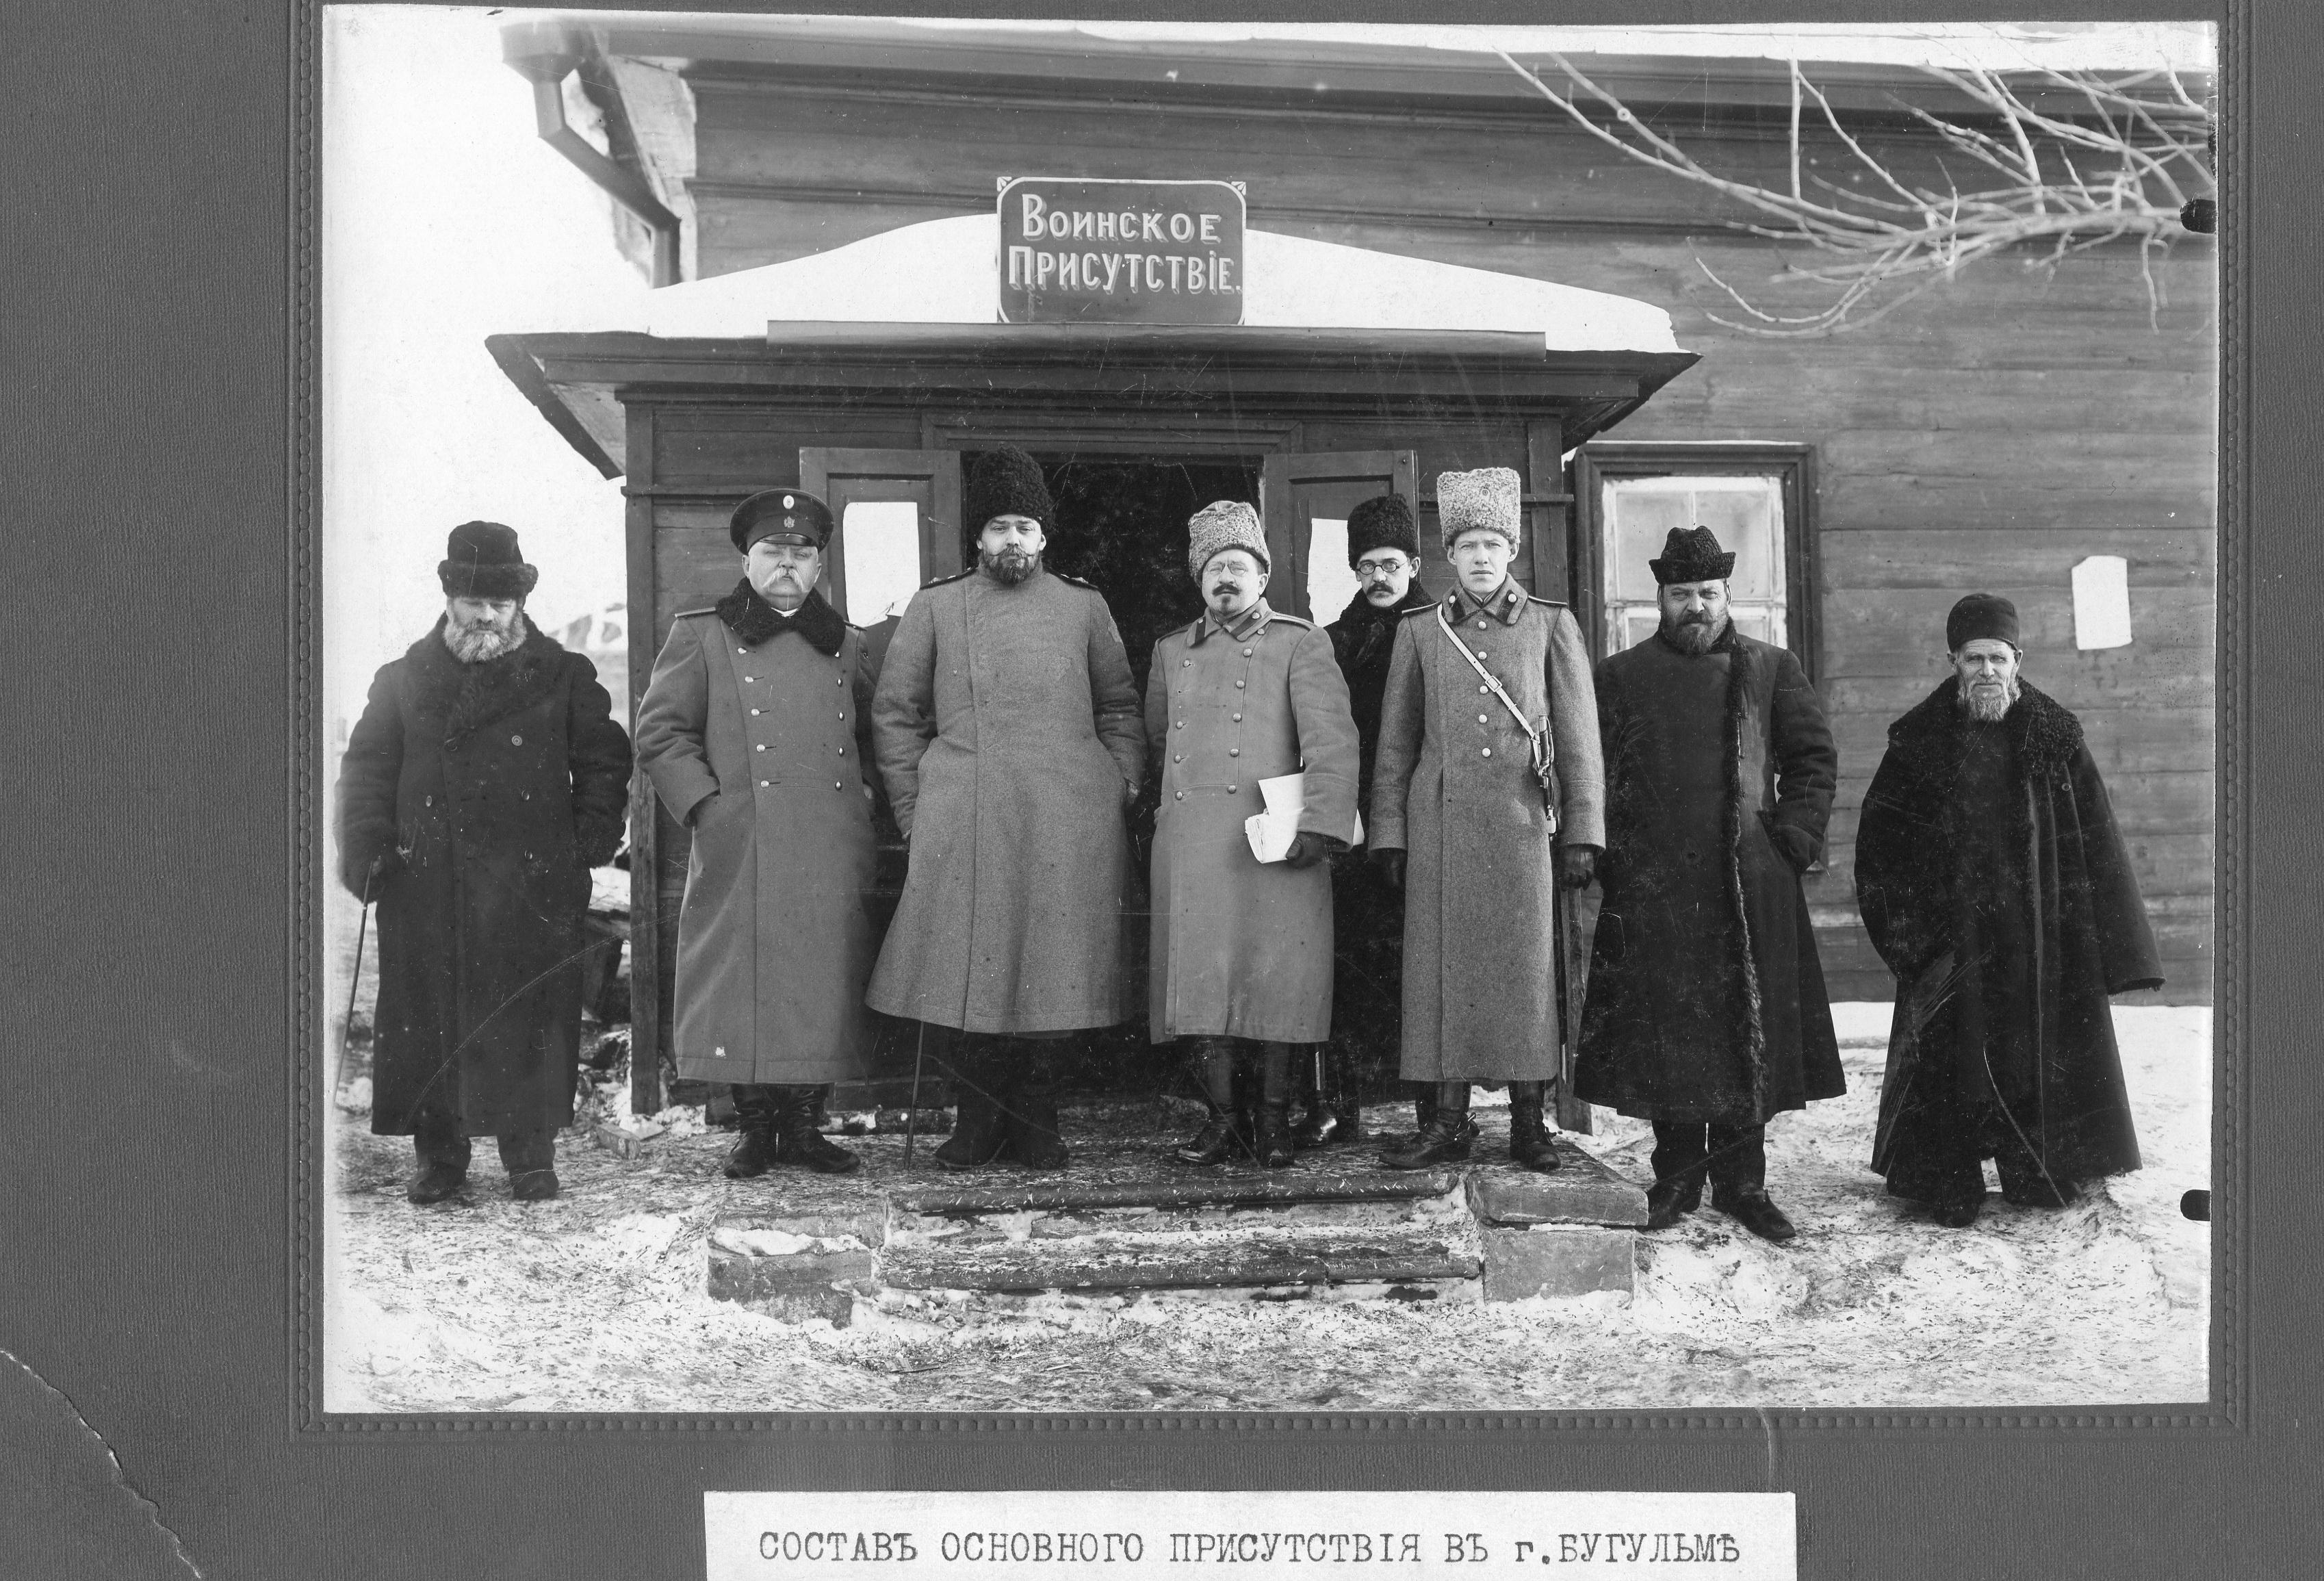 1915. Воинское присутствие в г. Бугульме.